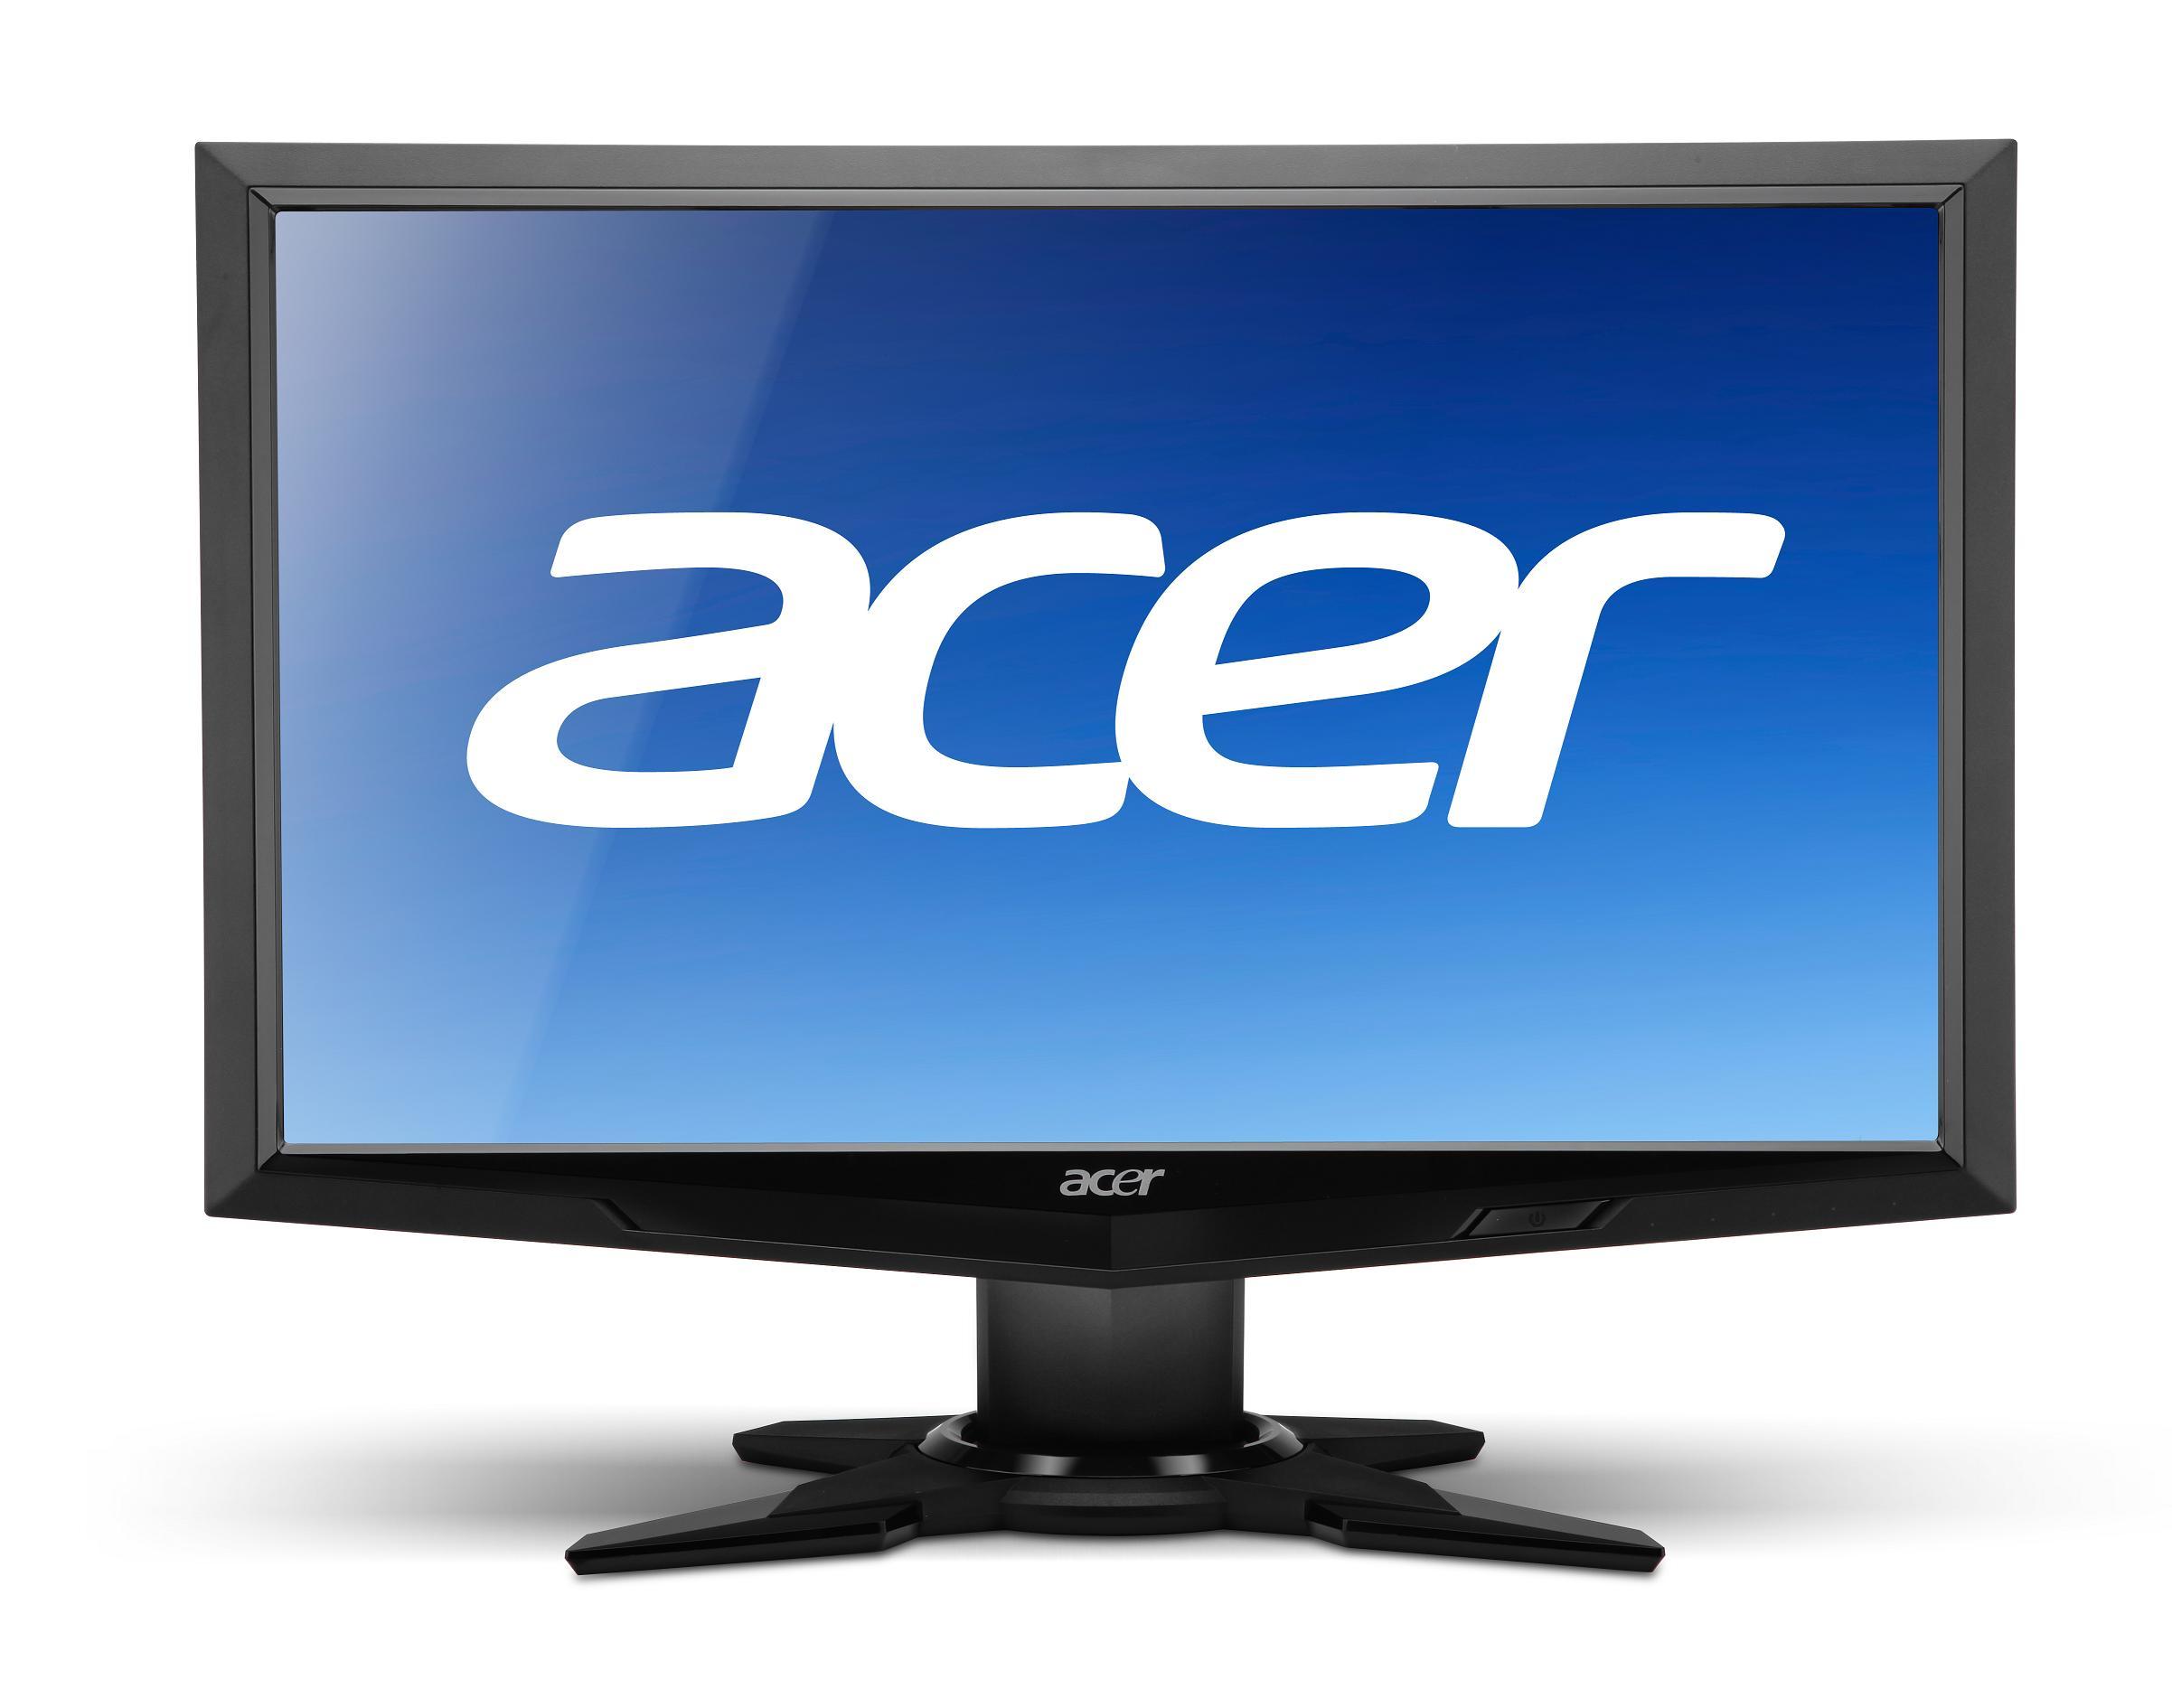 Монитор бу 20″ Acer G205HV TFT TN,1600×900 (16:9), Подключение: VGA, DVI